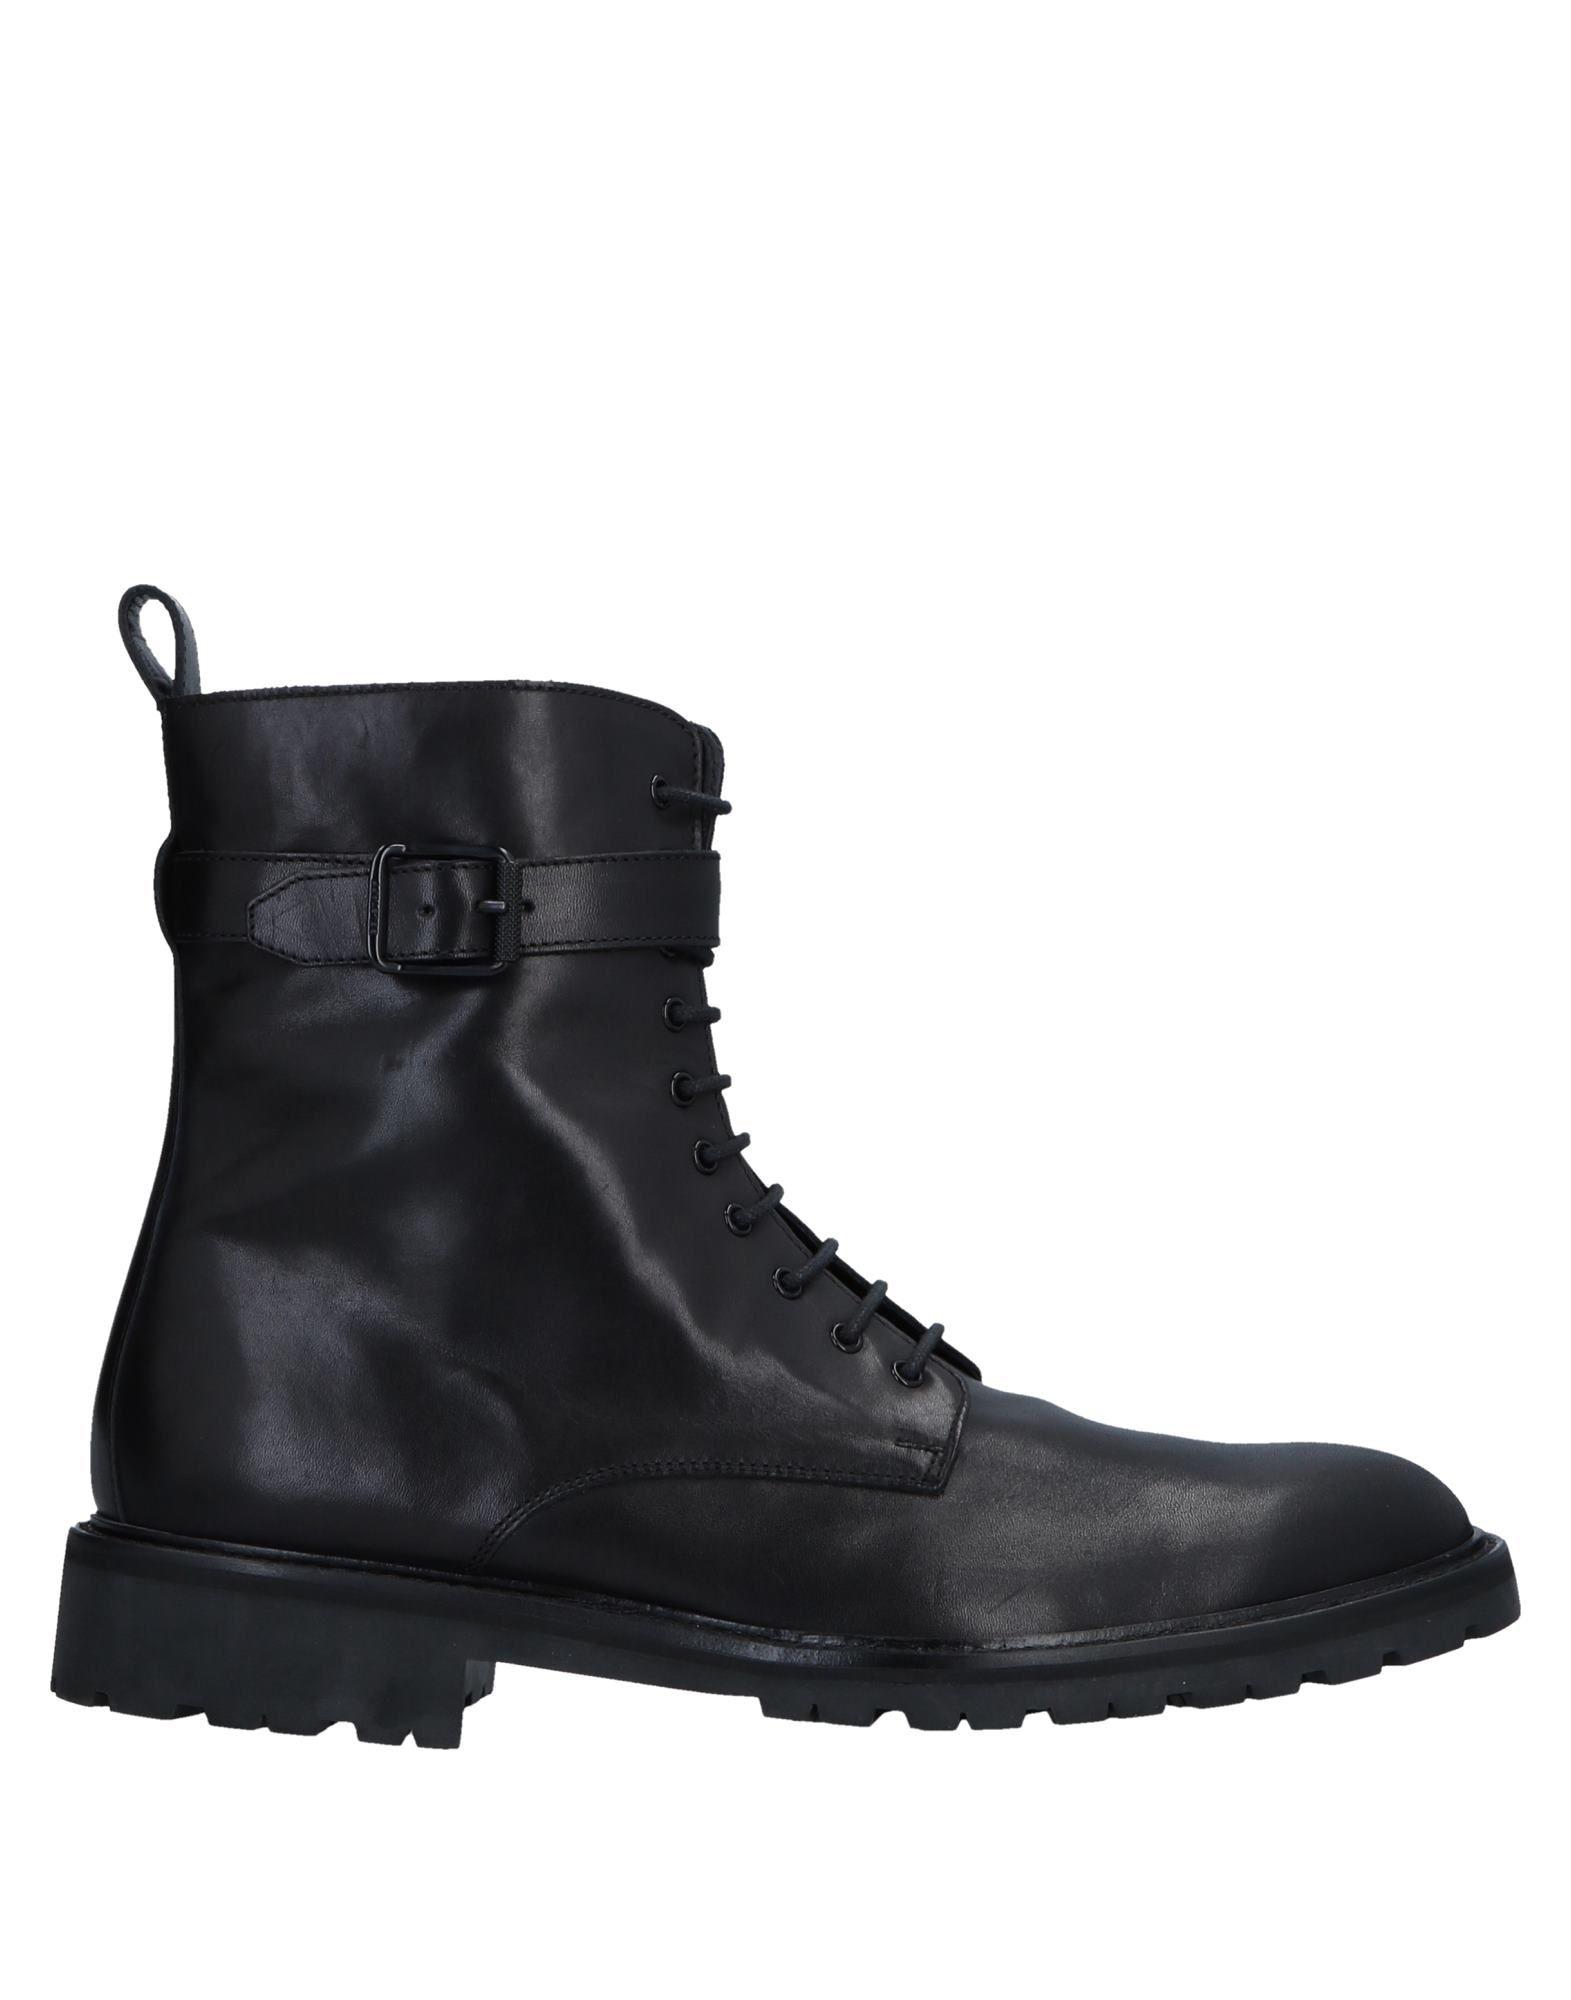 Belstaff Stiefelette Herren  11535674IH Gute Qualität beliebte Schuhe